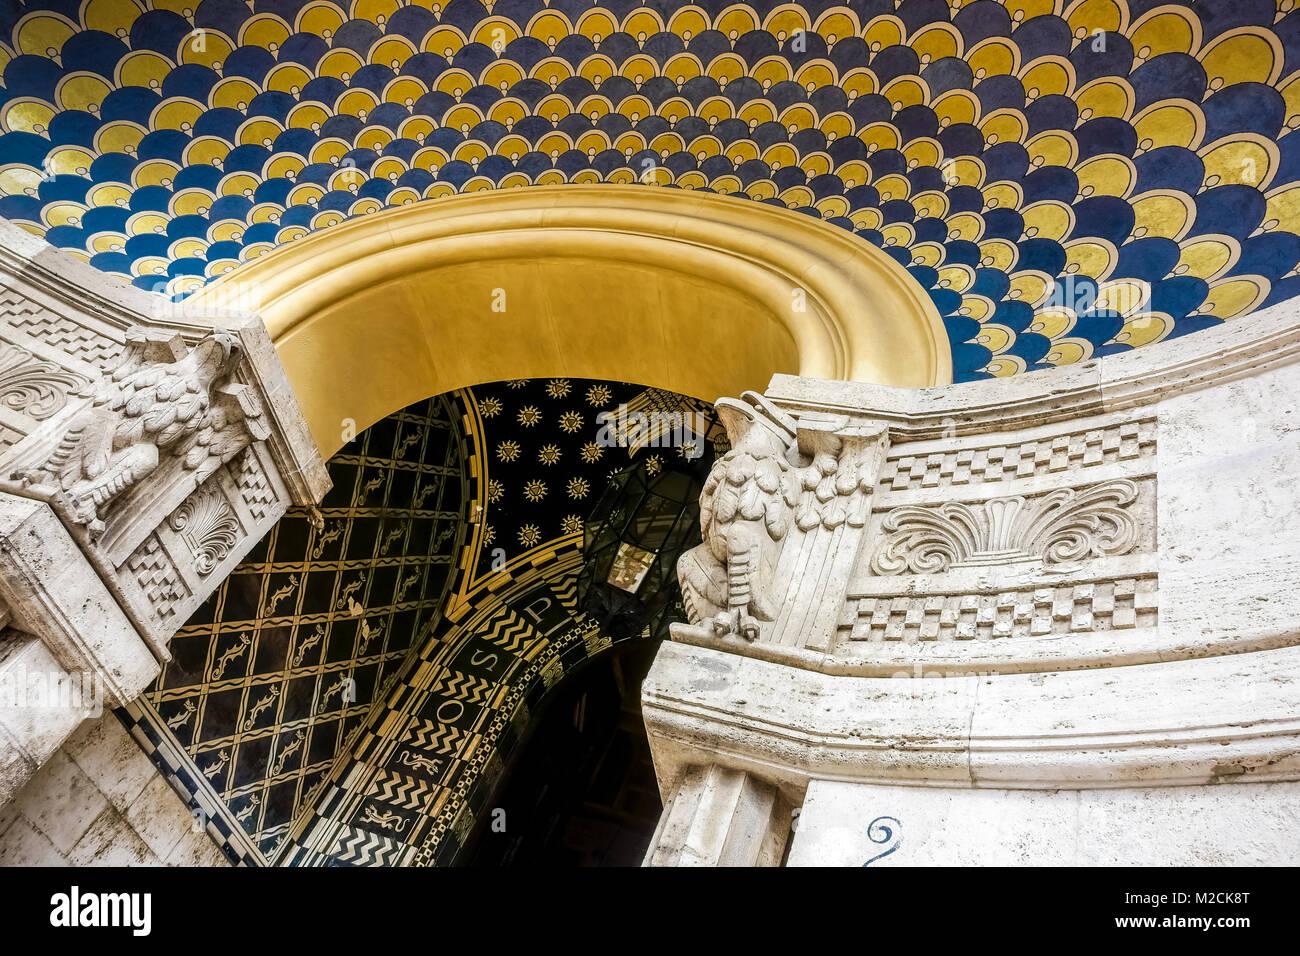 Soffitti A Volta Decorazioni : Restauro di un soffitto a volta decorato apsa in vaticano rosa